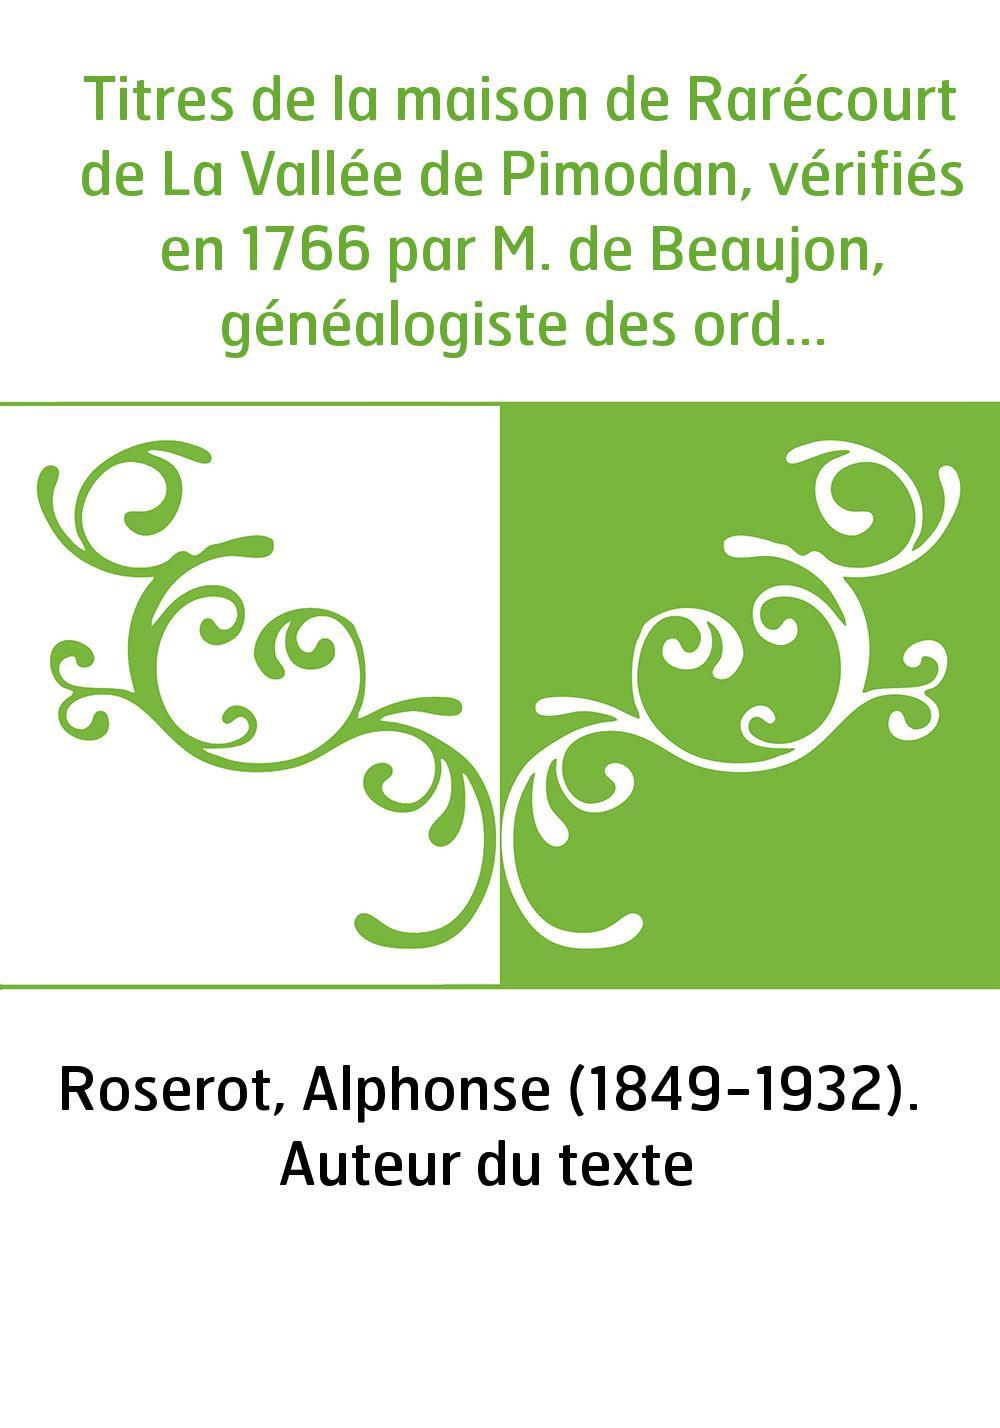 Titres de la maison de Rarécourt de La Vallée de Pimodan, vérifiés en 1766 par M. de Beaujon, généalogiste des ordres du Roi, av